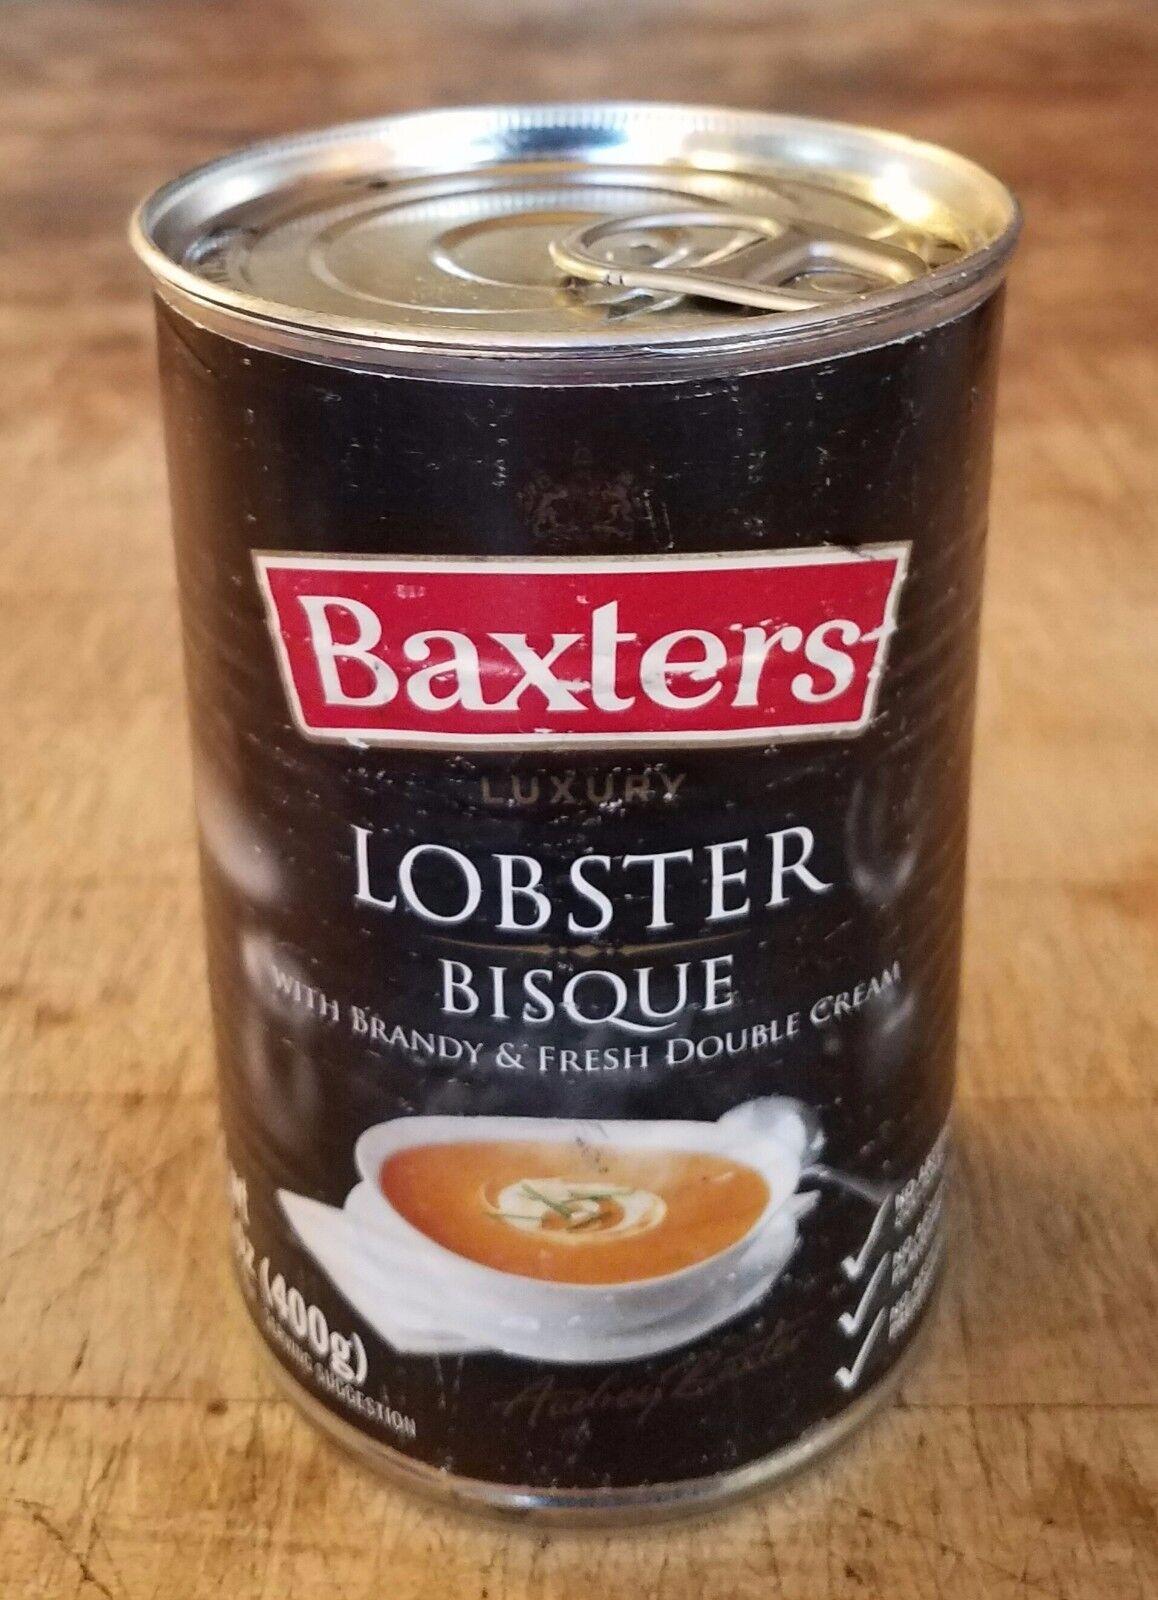 Diversion Can Stash Secret Safe Baxters Lobster Bisque 14.1 Oz Magnetic Lid - $9.99